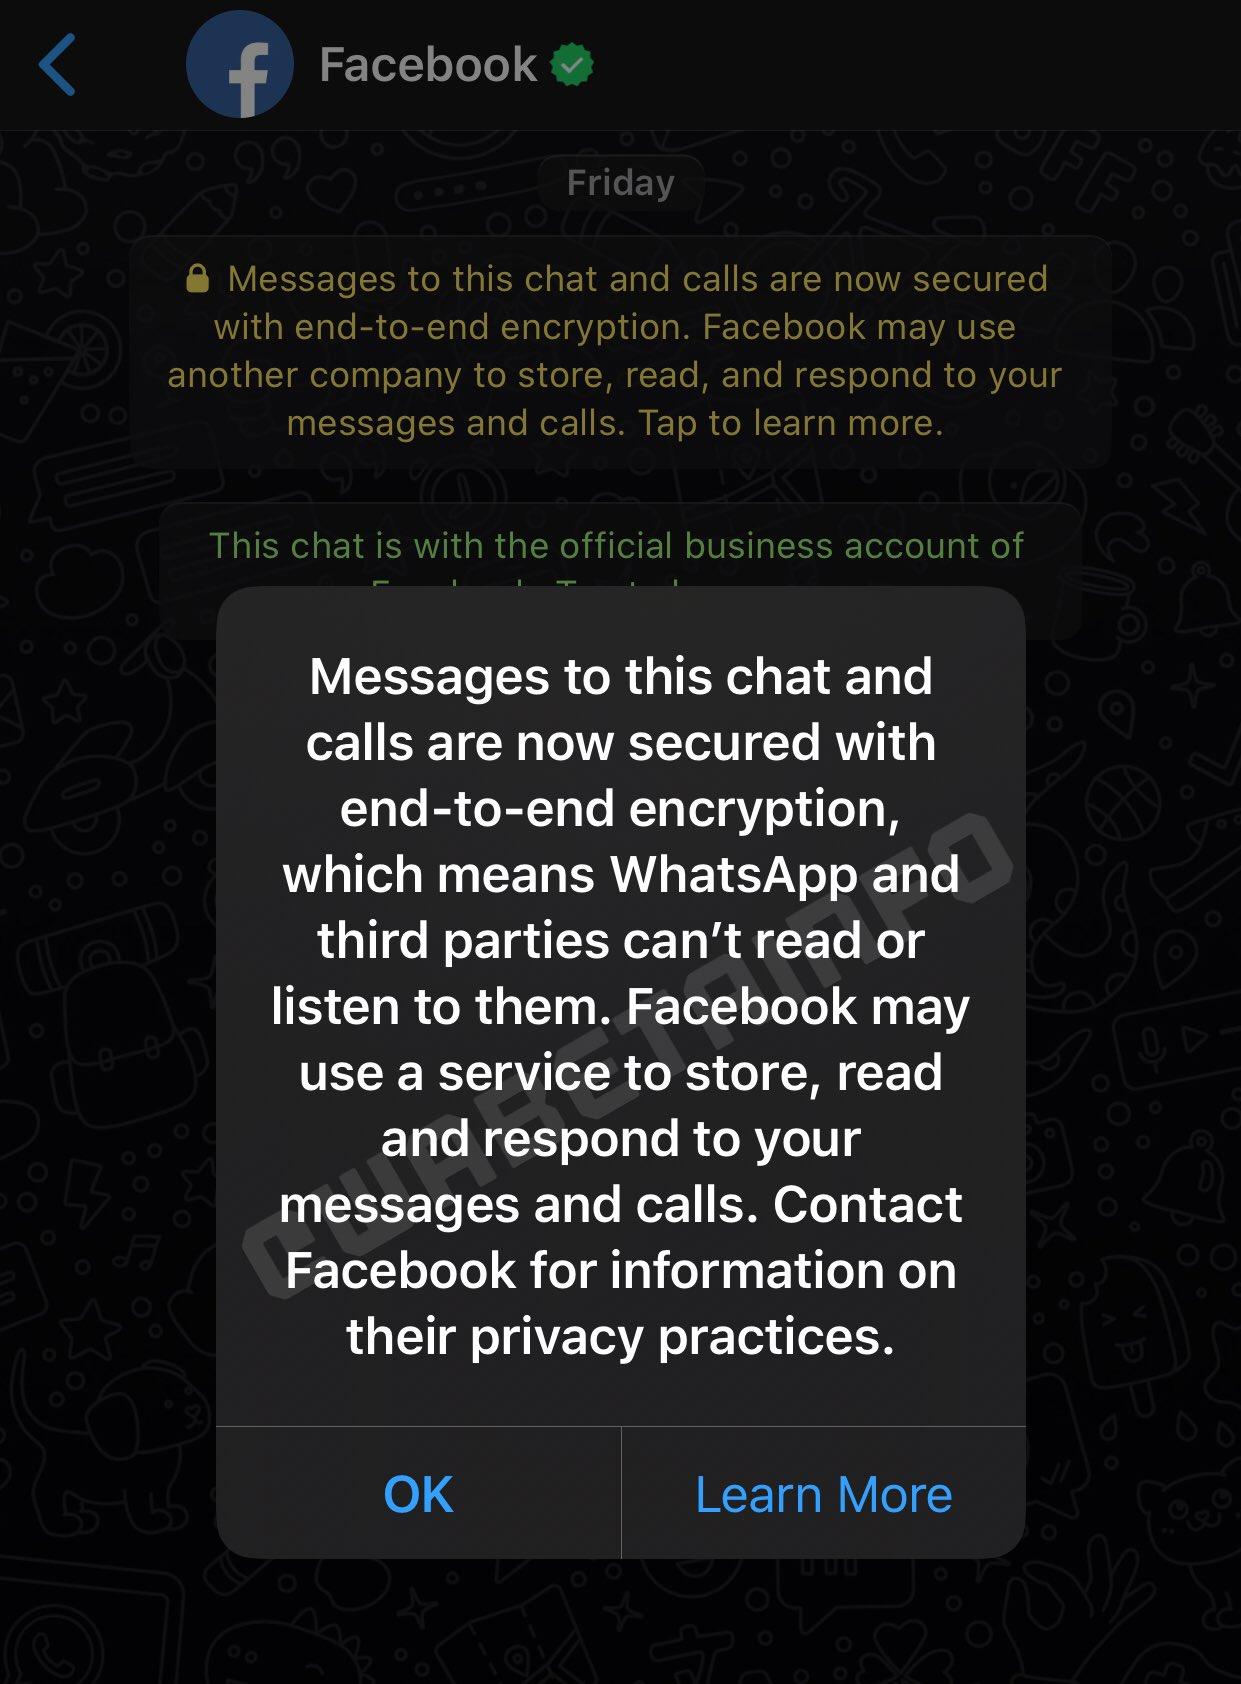 WhatsApp scurtare intimitate